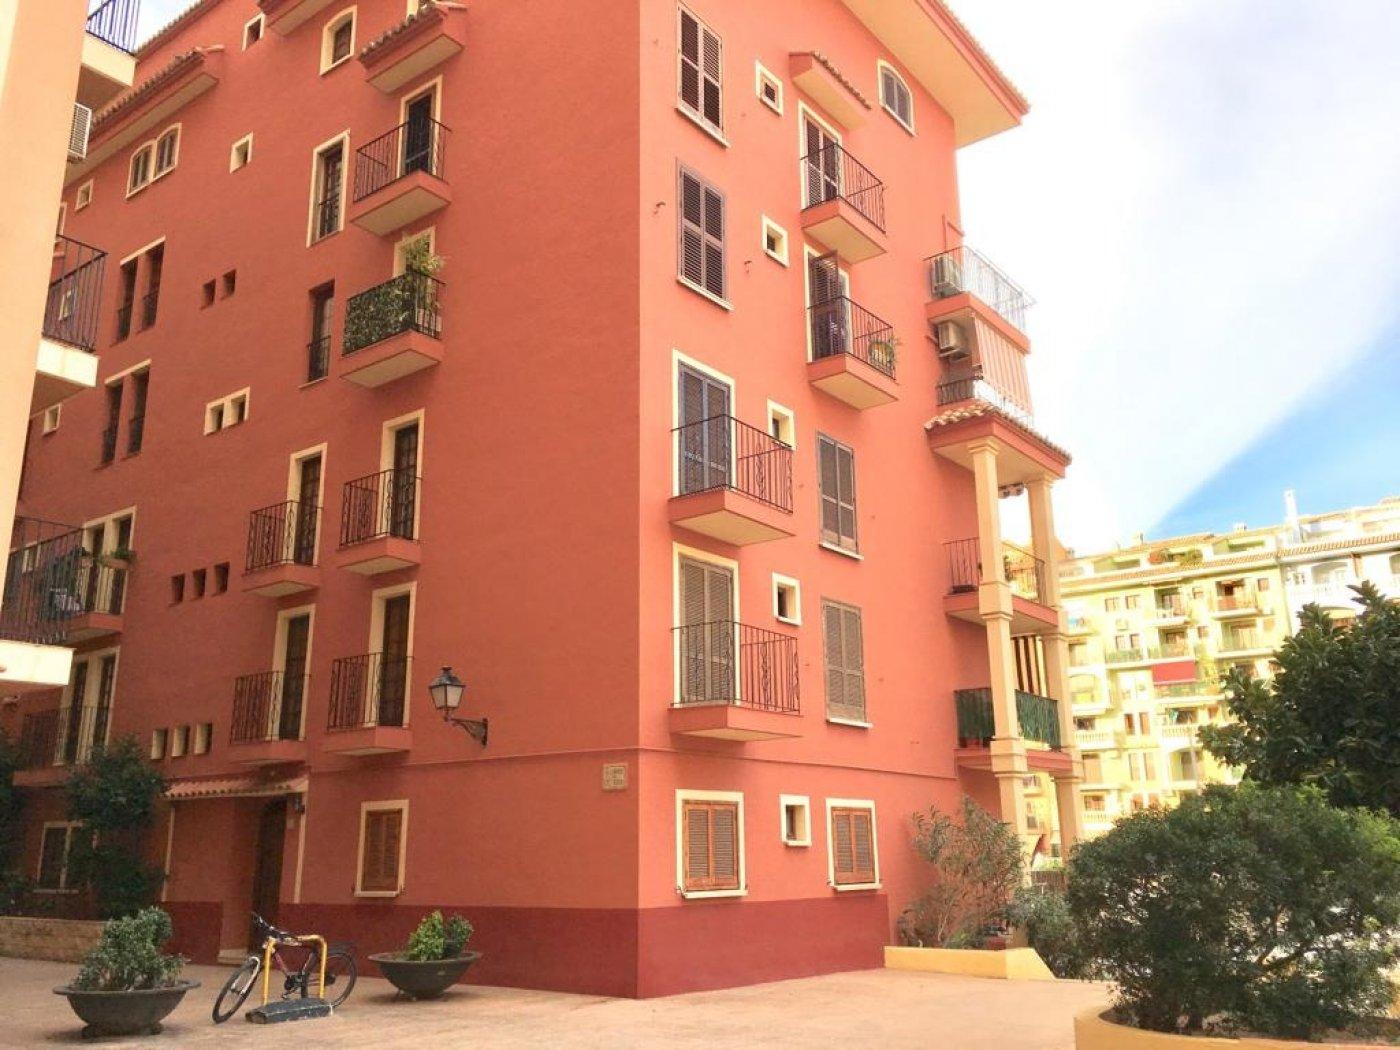 Estupendo apartamento en portsaplaya!!! - imagenInmueble30